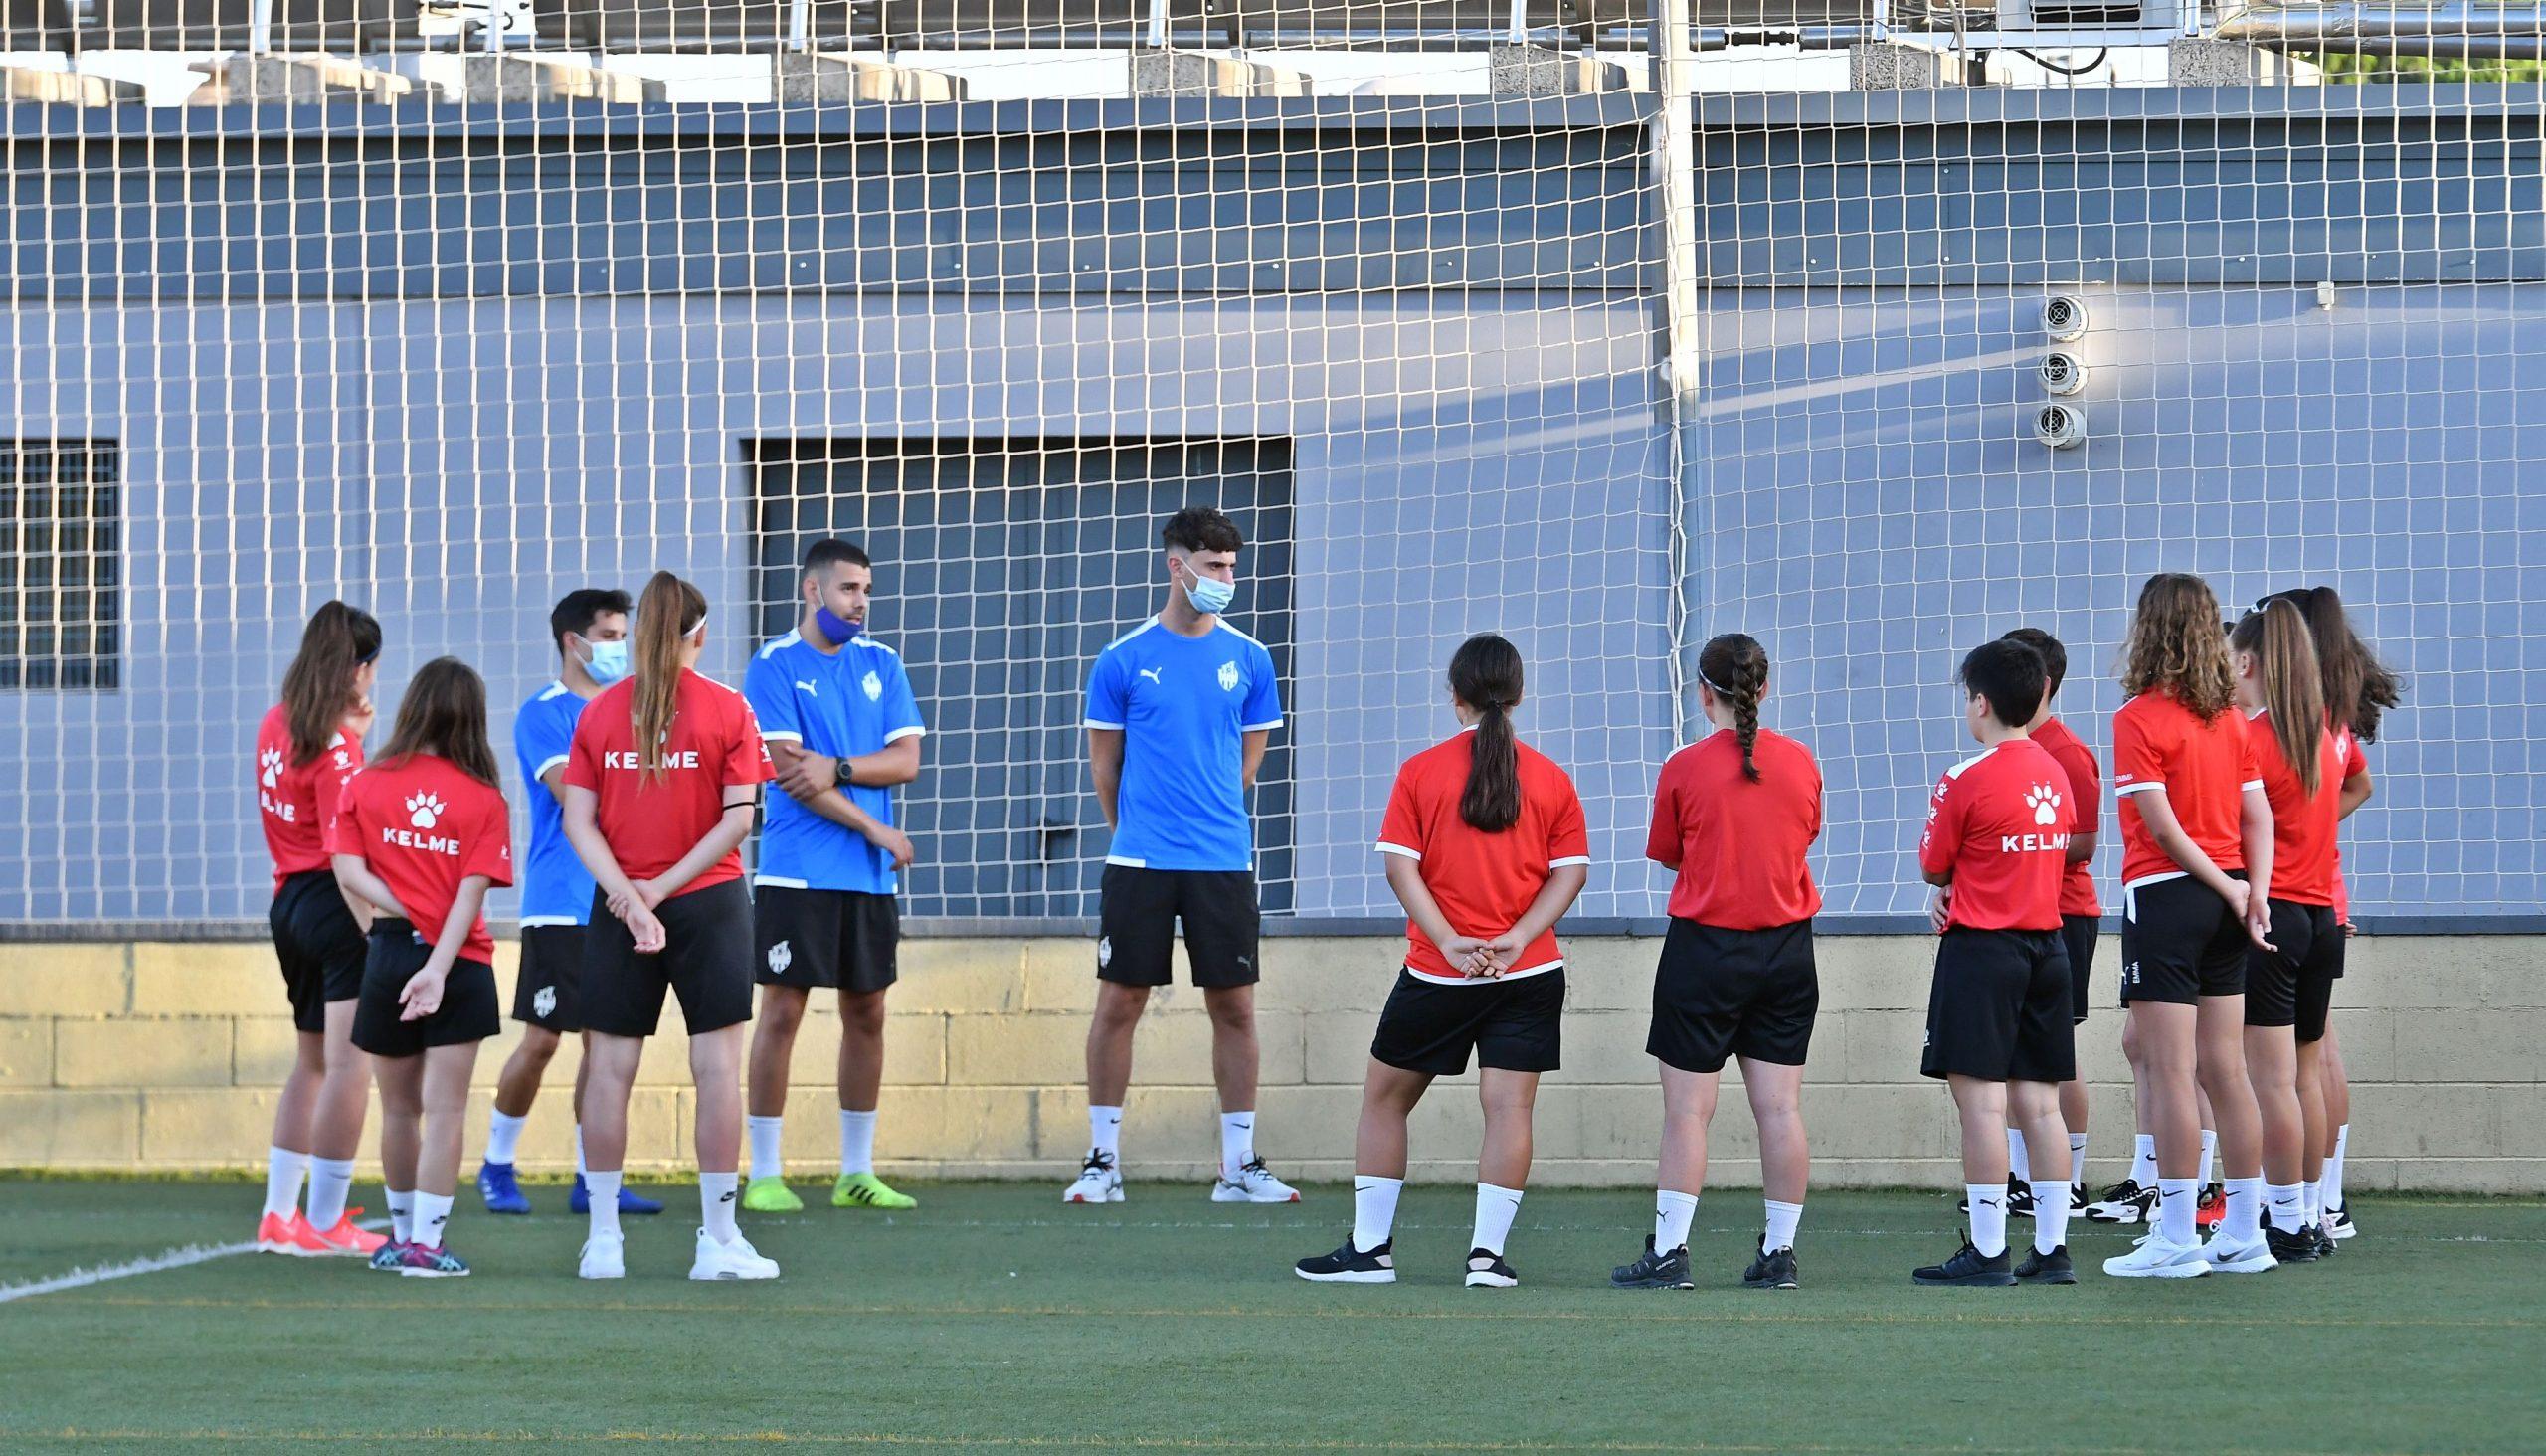 Cadet i Juvenil femení comencen els entrenaments